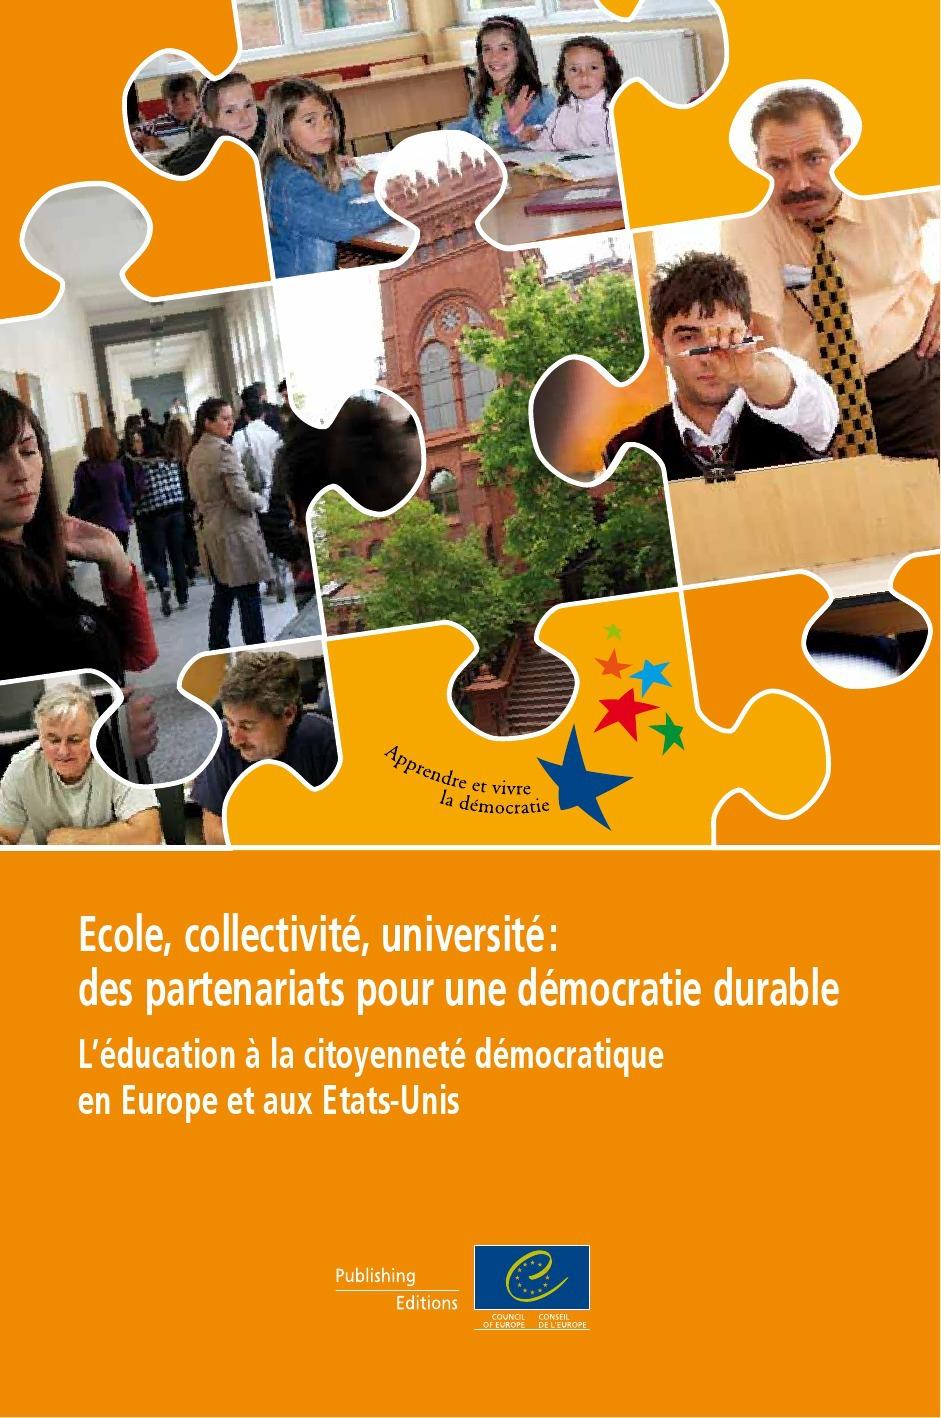 Ecole , collectivité , université : des partenaires pour une démocratie durable